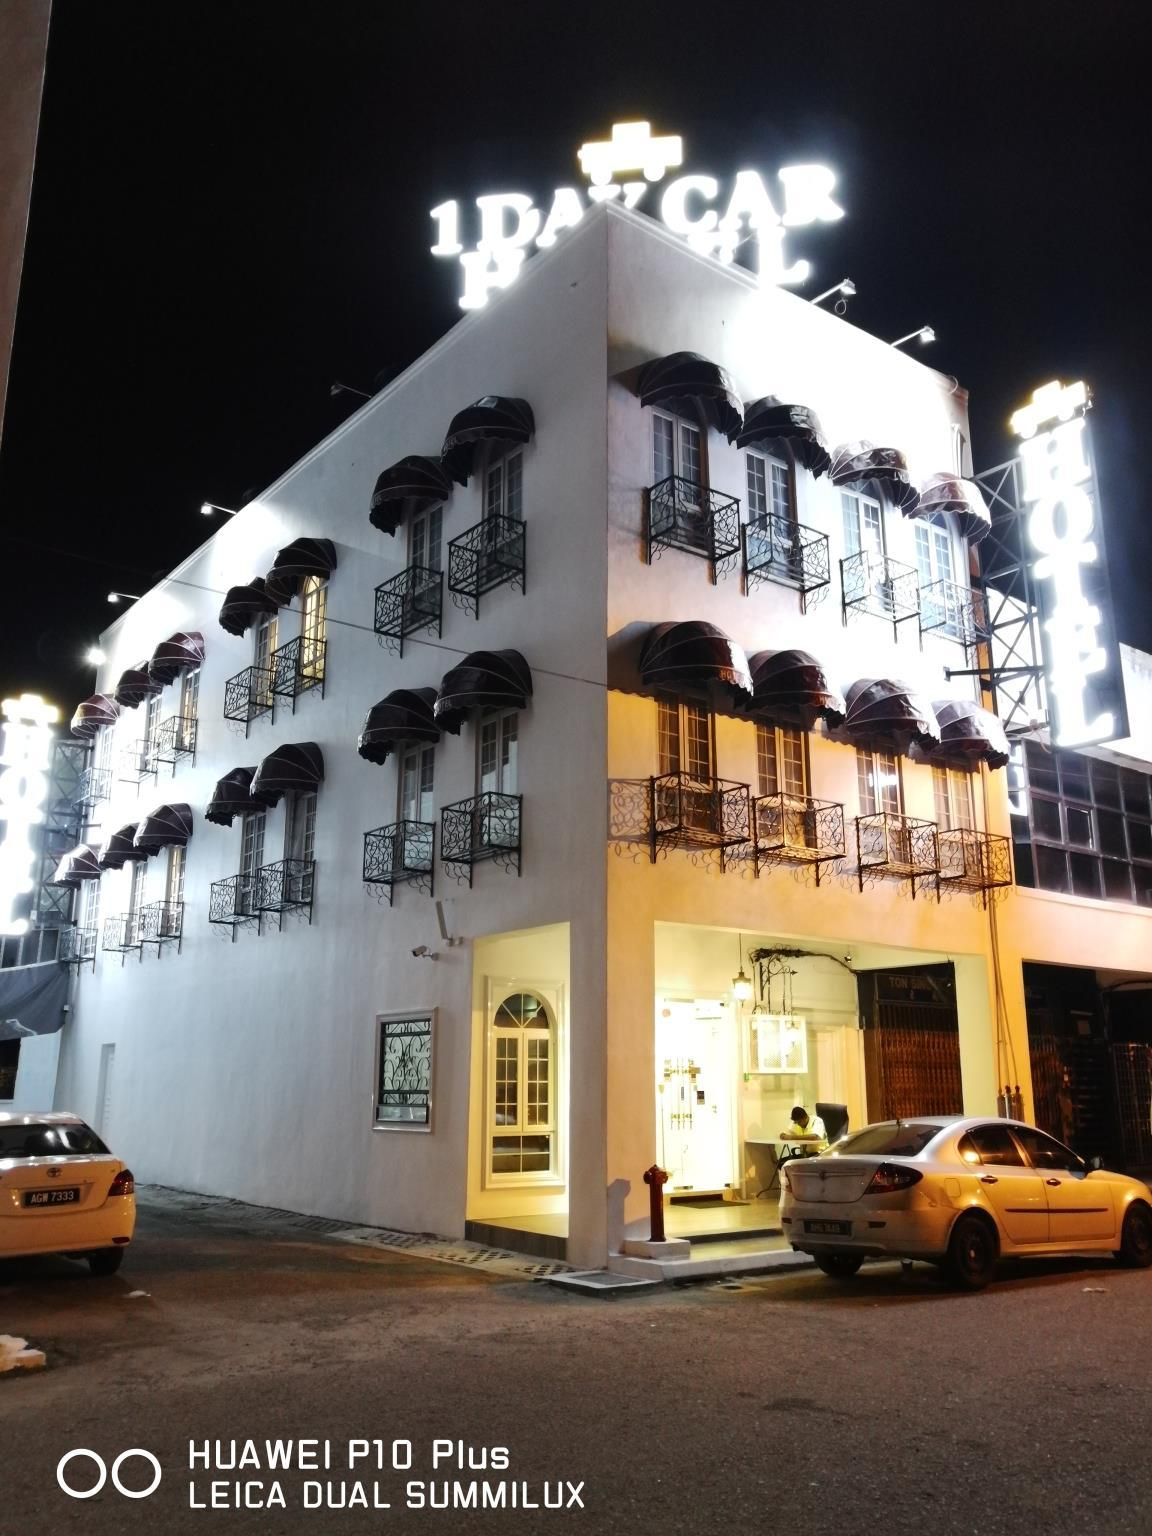 1 Day Car Hotel